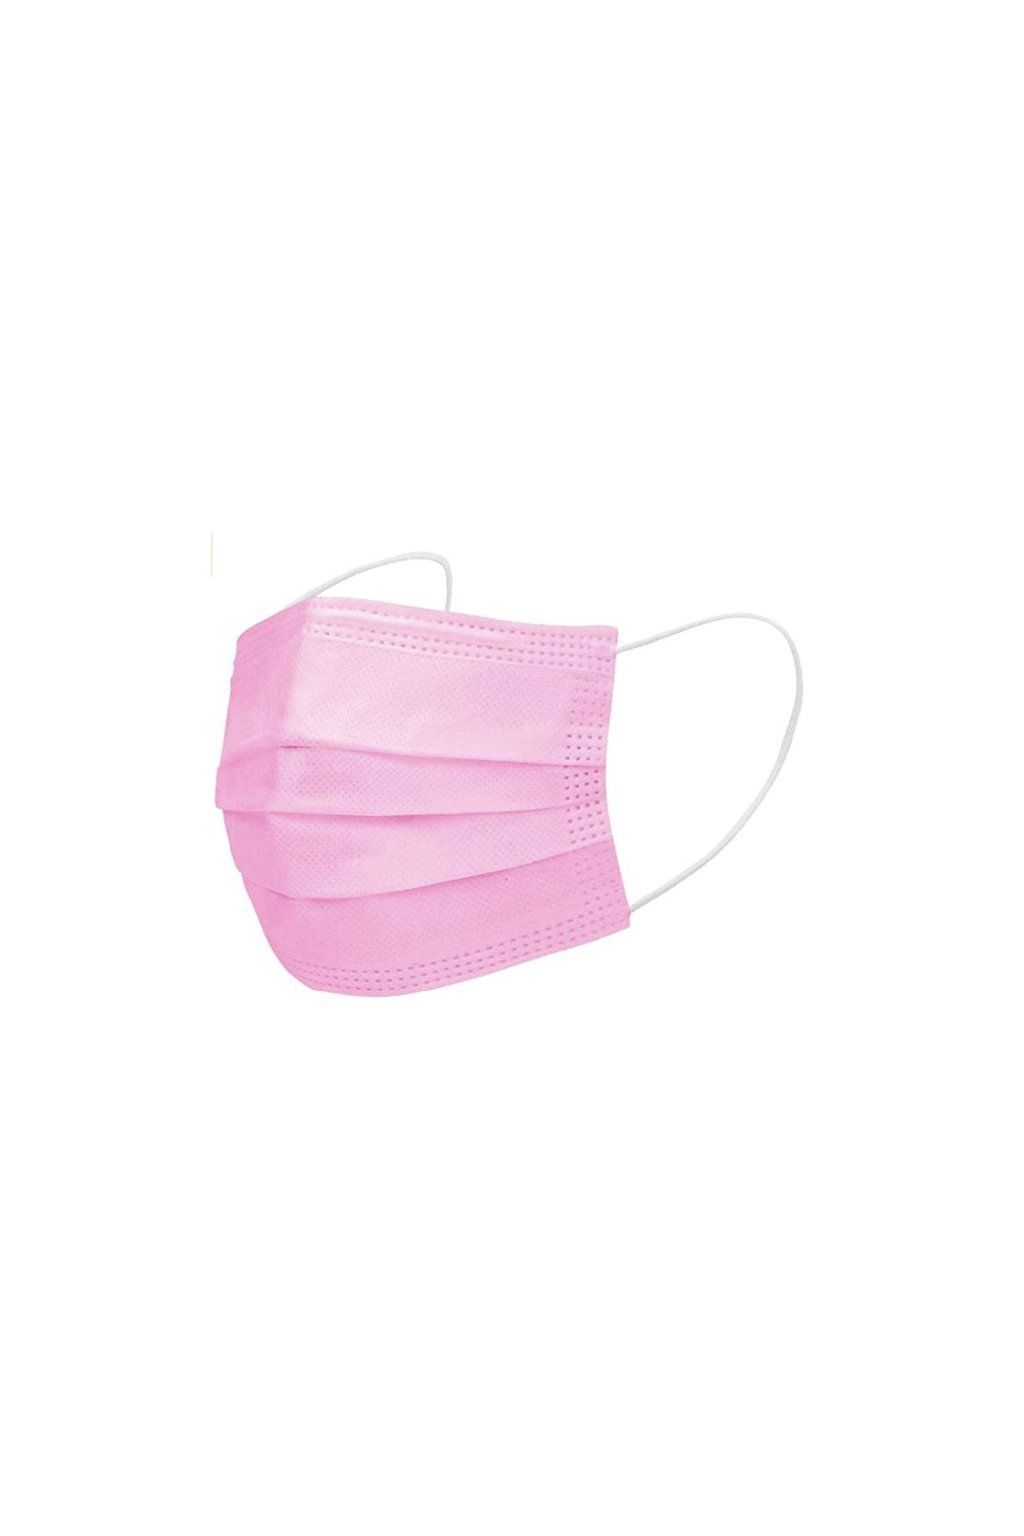 Ochranná rouška 50 ks - face mask, roušky, růžové